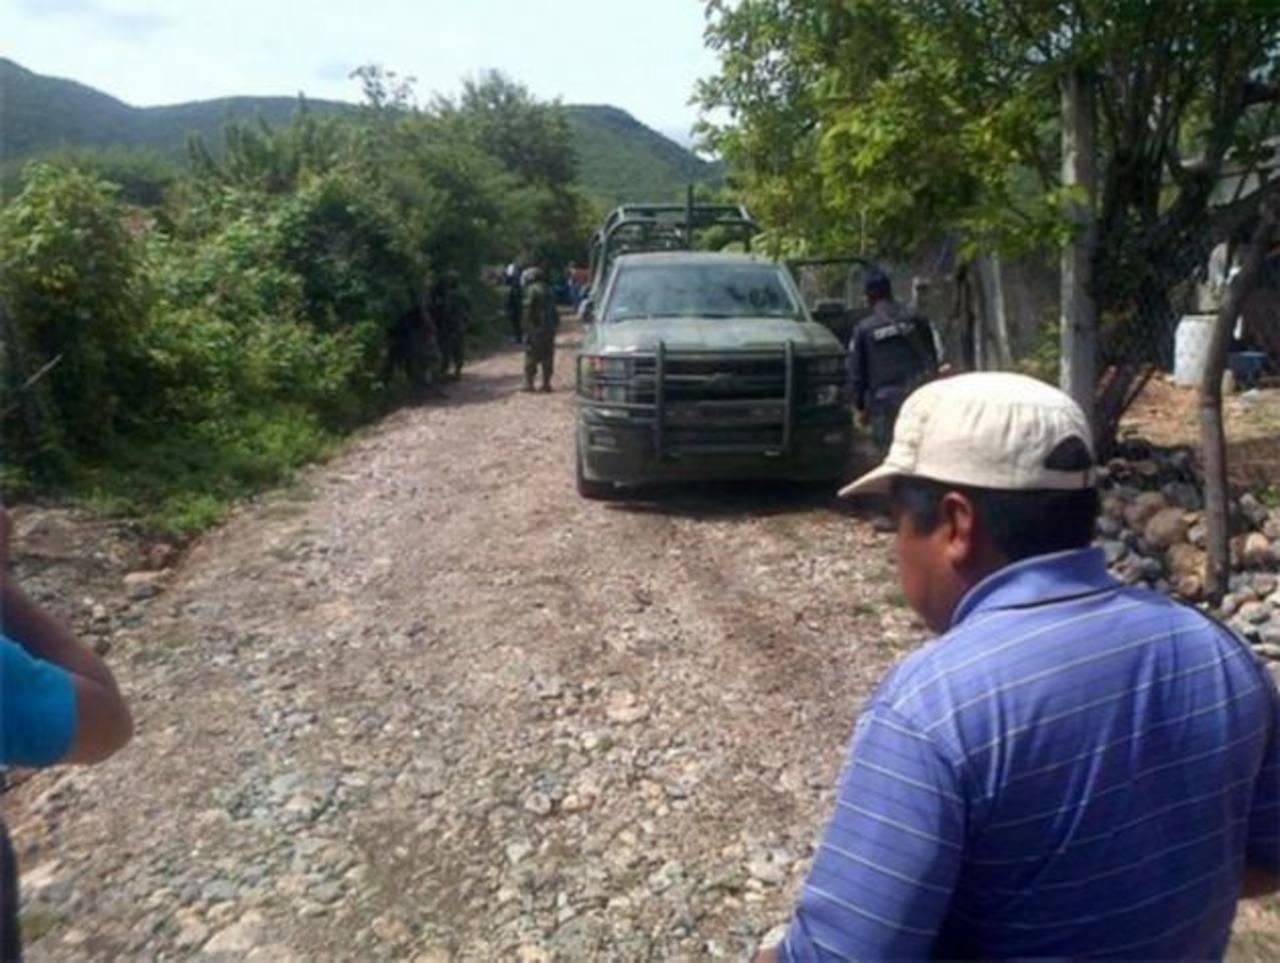 El procurador de Guerrero confirmó el hallazgo de la fosa; hasta el momento no se sabe cuántos cuerpos fueron localizados.